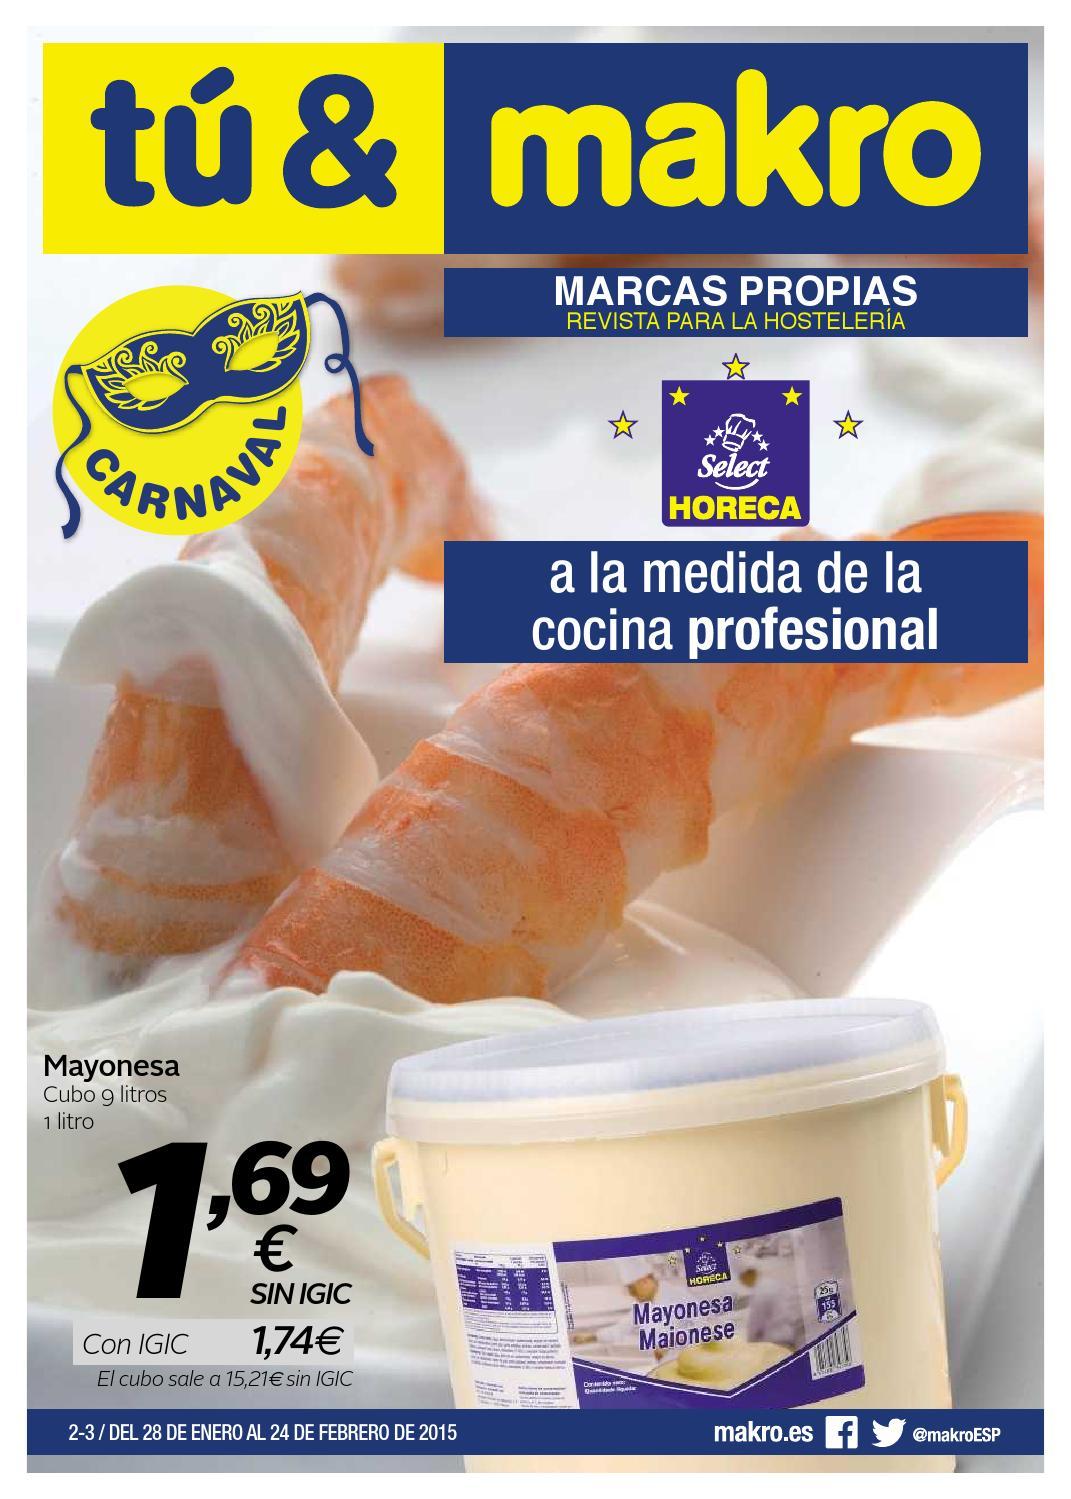 Makro espana ofertas marcas propias canarias by - Ofertas canarias enero ...